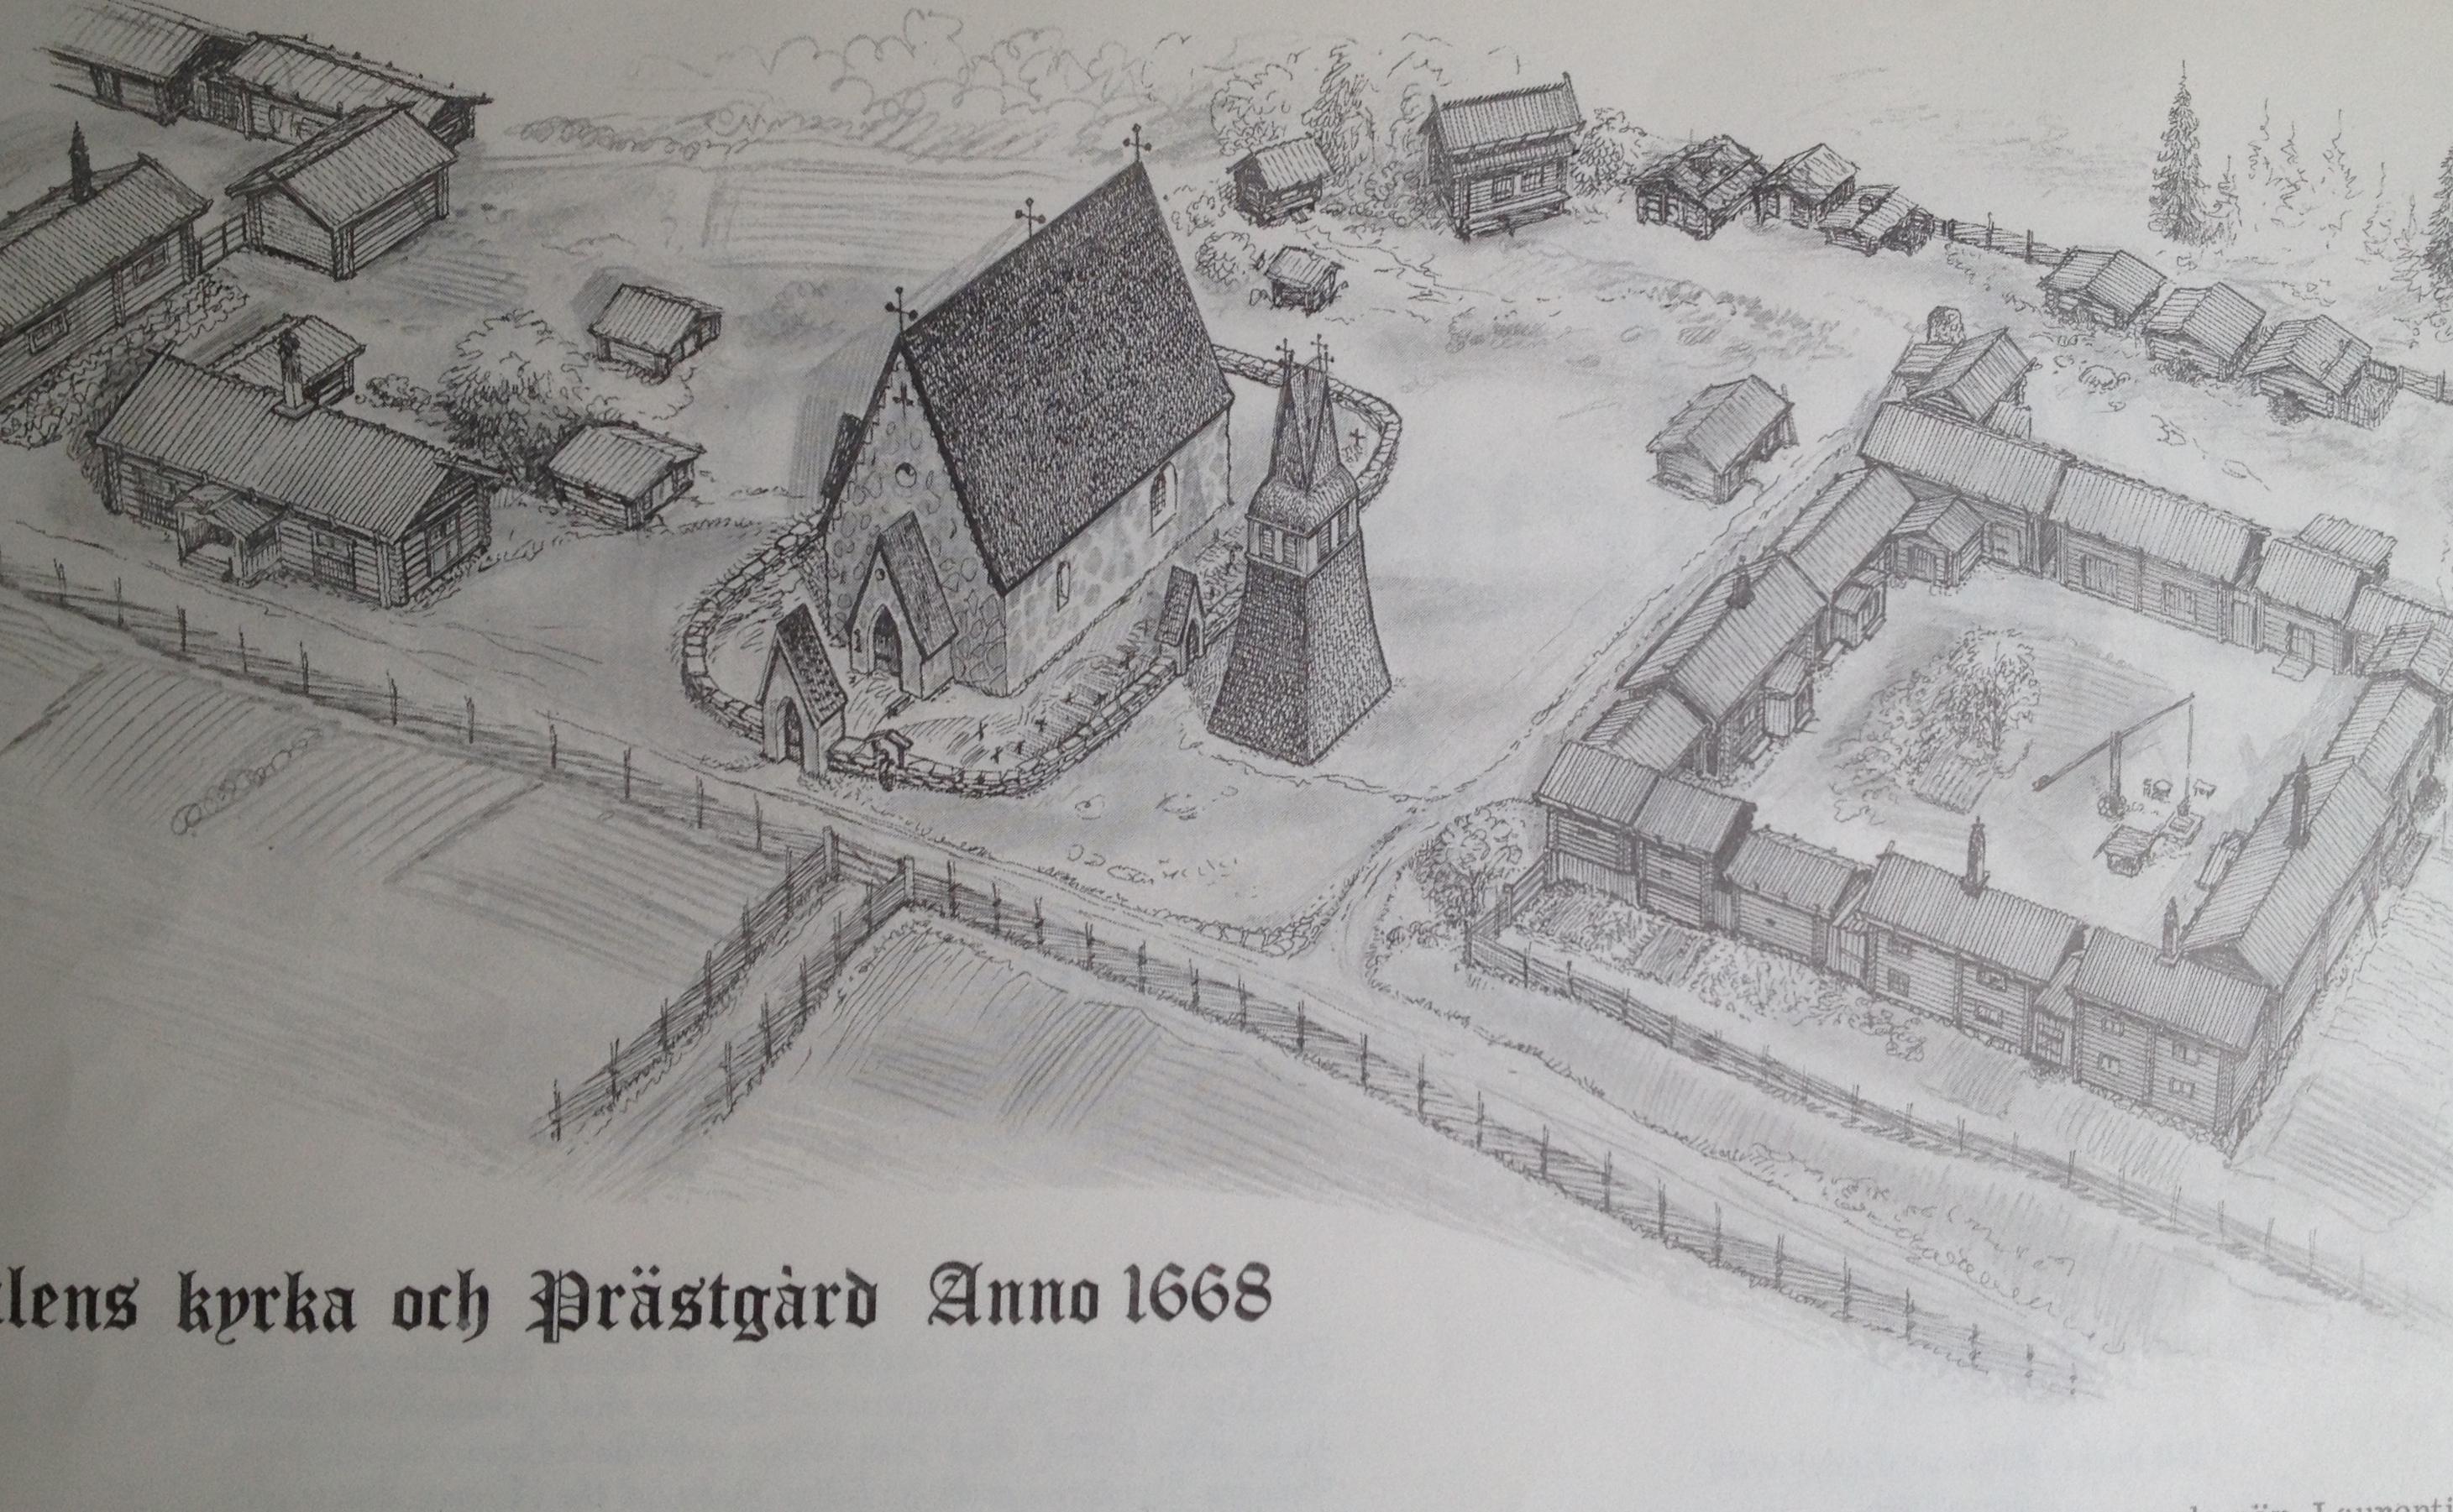 """År 1574 angavs träkyrkan i Älvdalen som förfallen. """"År 1578 började man att bygga den nya kyrkan, nu av sten, eftersom man fått löfte om egen präst om man byggde kyrka och prästgård och därtill lade 'så mycken åker och äng, att en kyrkoherde väl kan få sin bärgning där av...' 1586 invigdes kyrkan och församlingens första kyrkoherde Laurentius Beronius installerades. Med tiden växte prästgården till en välbyggd och präktig anläggning som var mäkta imponerande när Laurentius Petri Elvius (trollprästen) tillträdde. Den kringbyggda gården bestod av en mångfald hus, lider, stall, nattstugor, källare, snickarstuga, portlider, drängstuga, lador, foderhus, torkstugor, råglador, eldhus, vedbodar, härbren, mjölbodar, fiskebod, badstuga, smedja, eldhus osv i en omfattning som förvånar. Till prästgården fanns stora ägor såväl inom som utom socknen, jaktmarker, fiskevatten osv."""" Ur """"Älvdalen-Blåkulla tur och retur"""" av Hjalmar Larsson"""